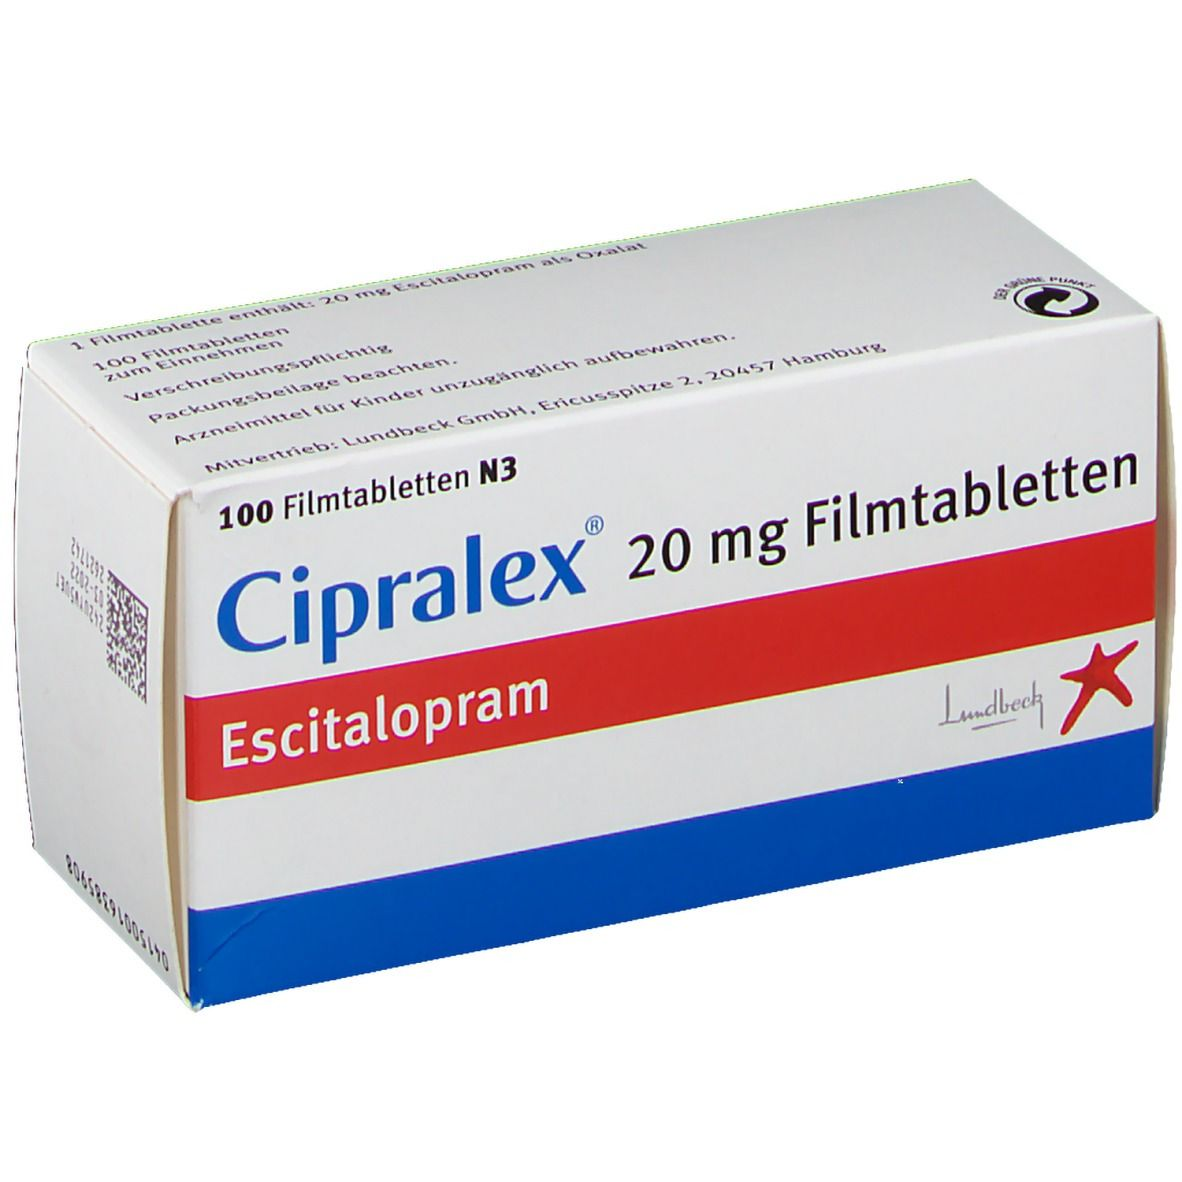 Cipralex 20 mg Filmtabletten